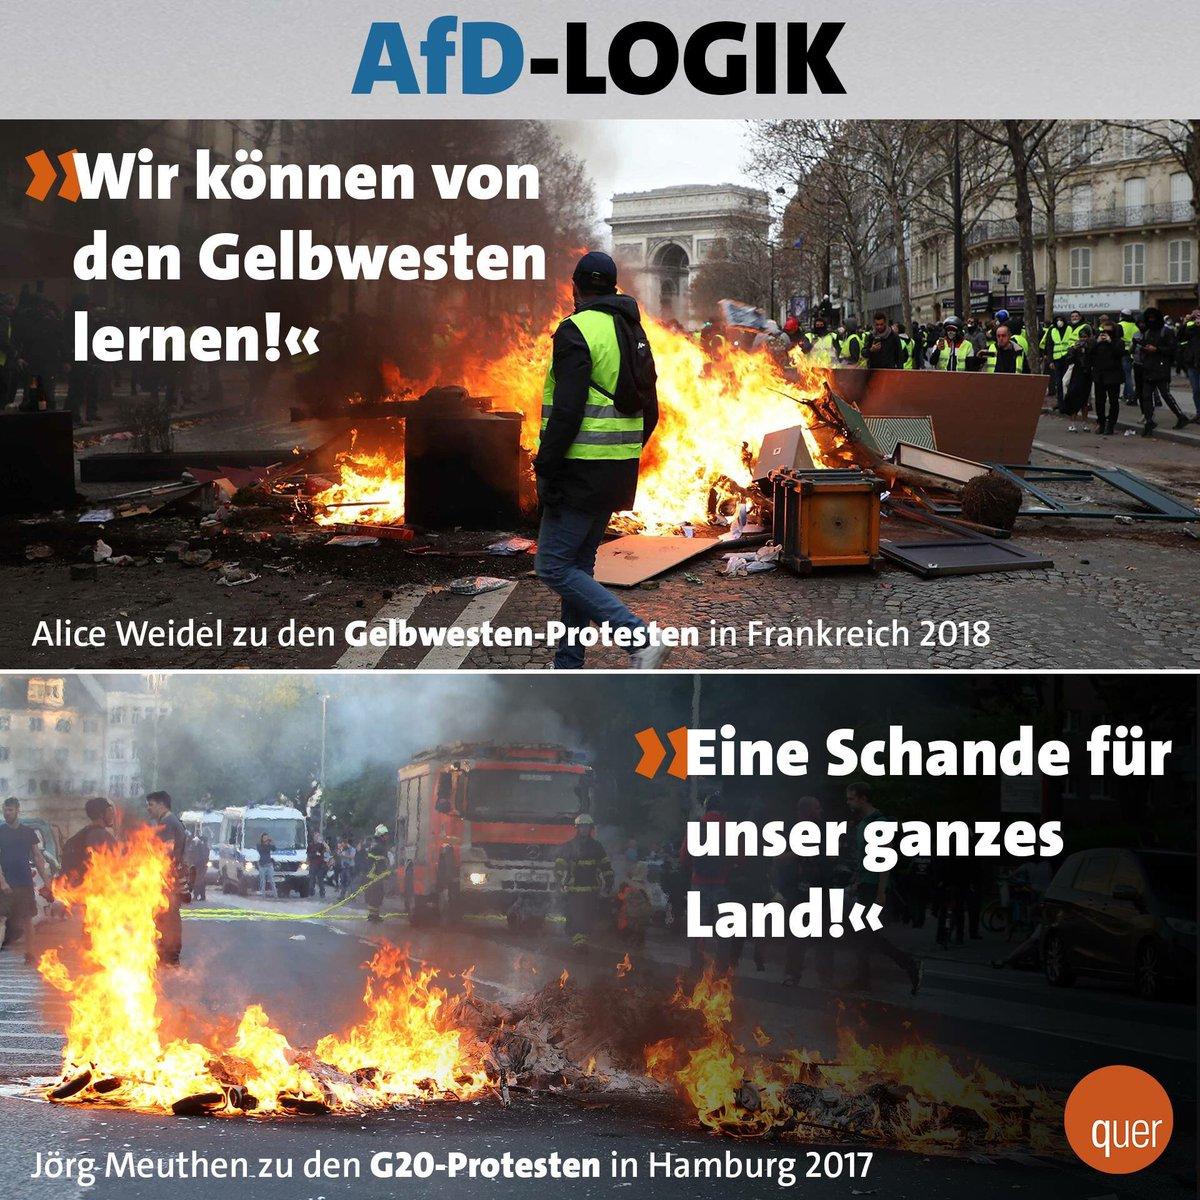 Die Bigotterie der #AfD bei diesen Gewaltorgien ist unerträglich #Gelbwesten